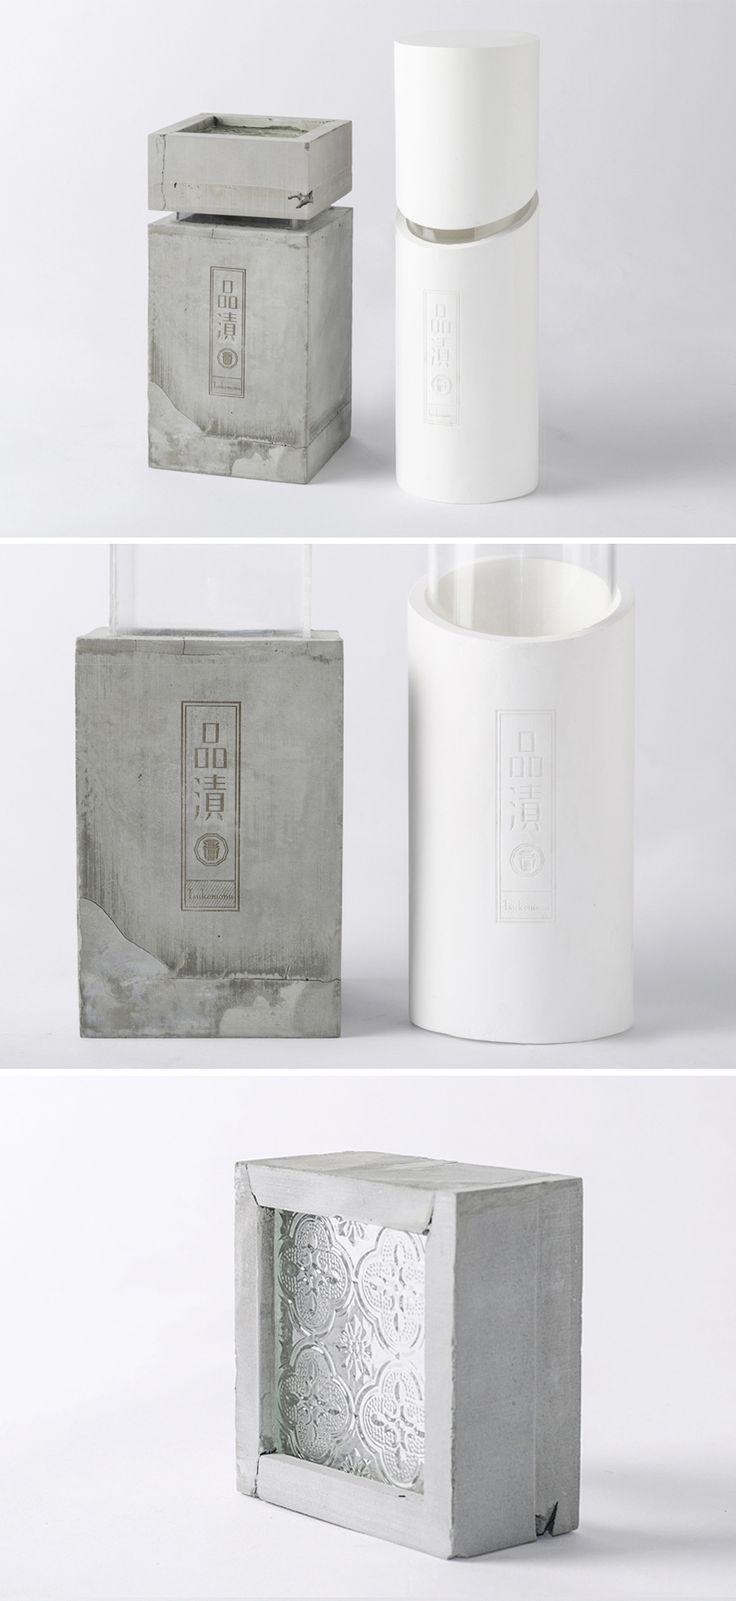 傳統市面上玻璃罐裝的醃漬物標識複雜、包裝上也不夠精緻,「品漬」設計出全新包裝,用水泥加上古早雕花玻璃,增添復古感覺,讓漬物更有故事性。